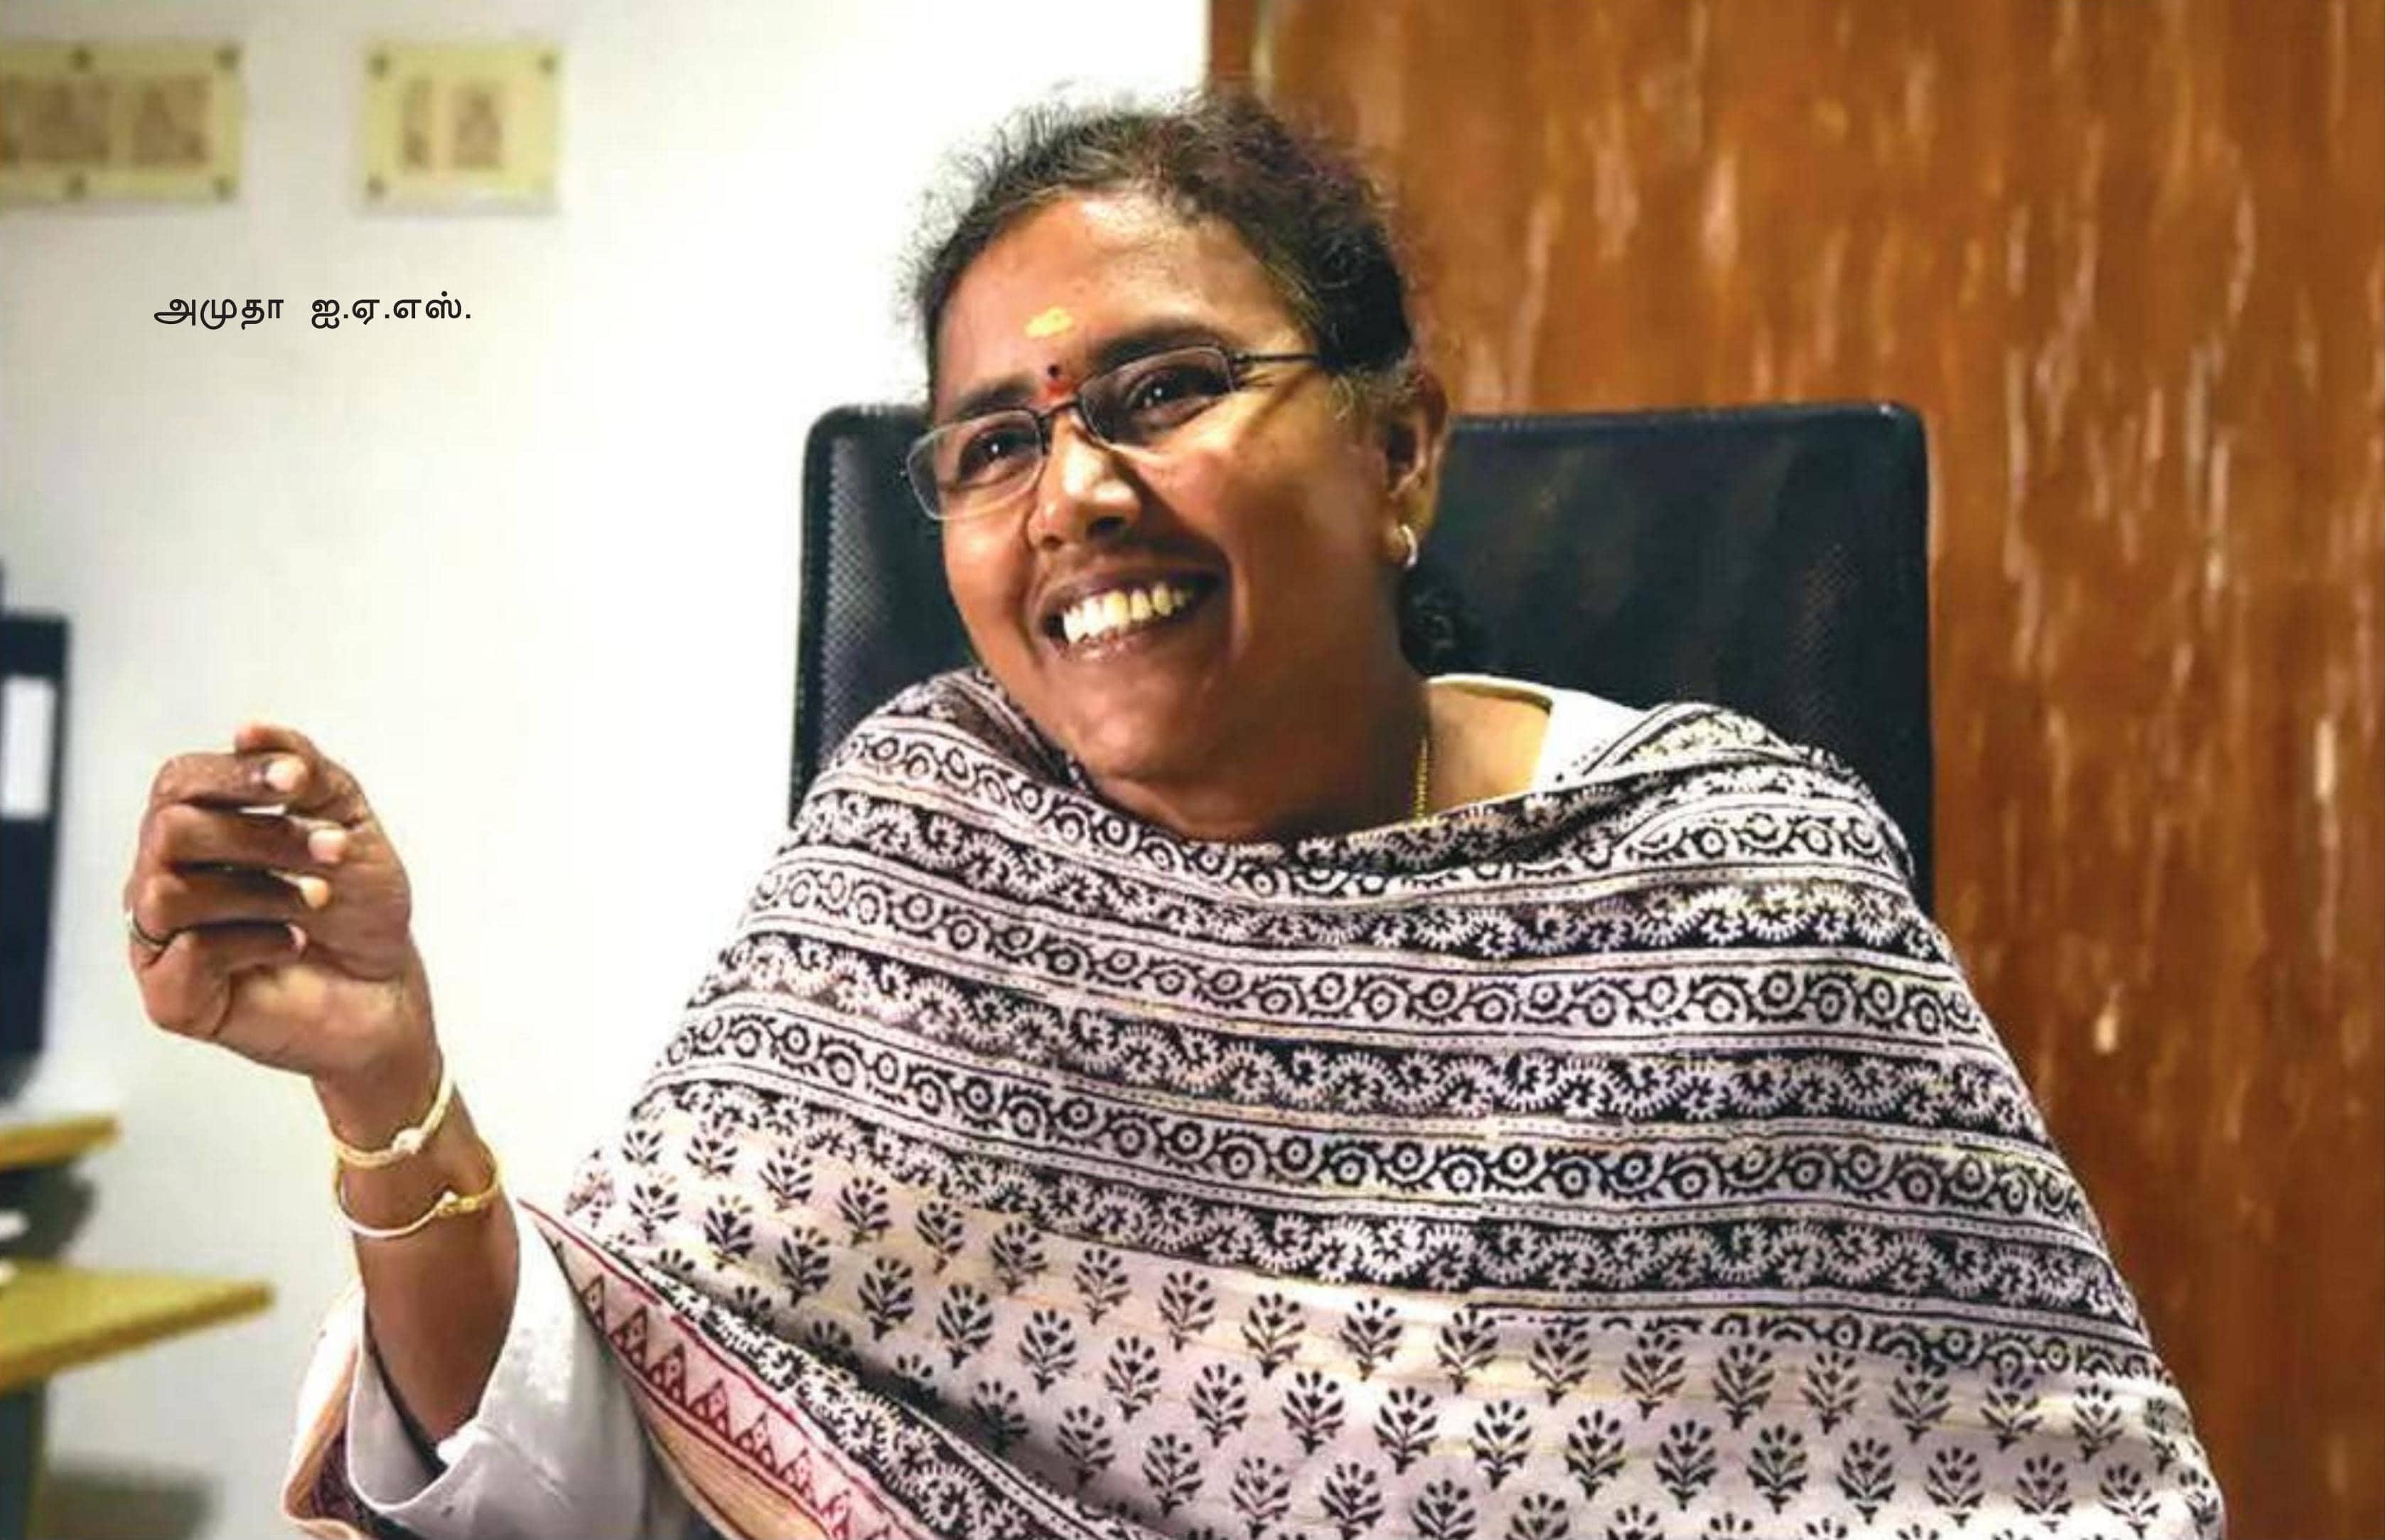 சட்டமன்றத் தேர்தலுக்கு முன் கவர்னர் ஆட்சி?